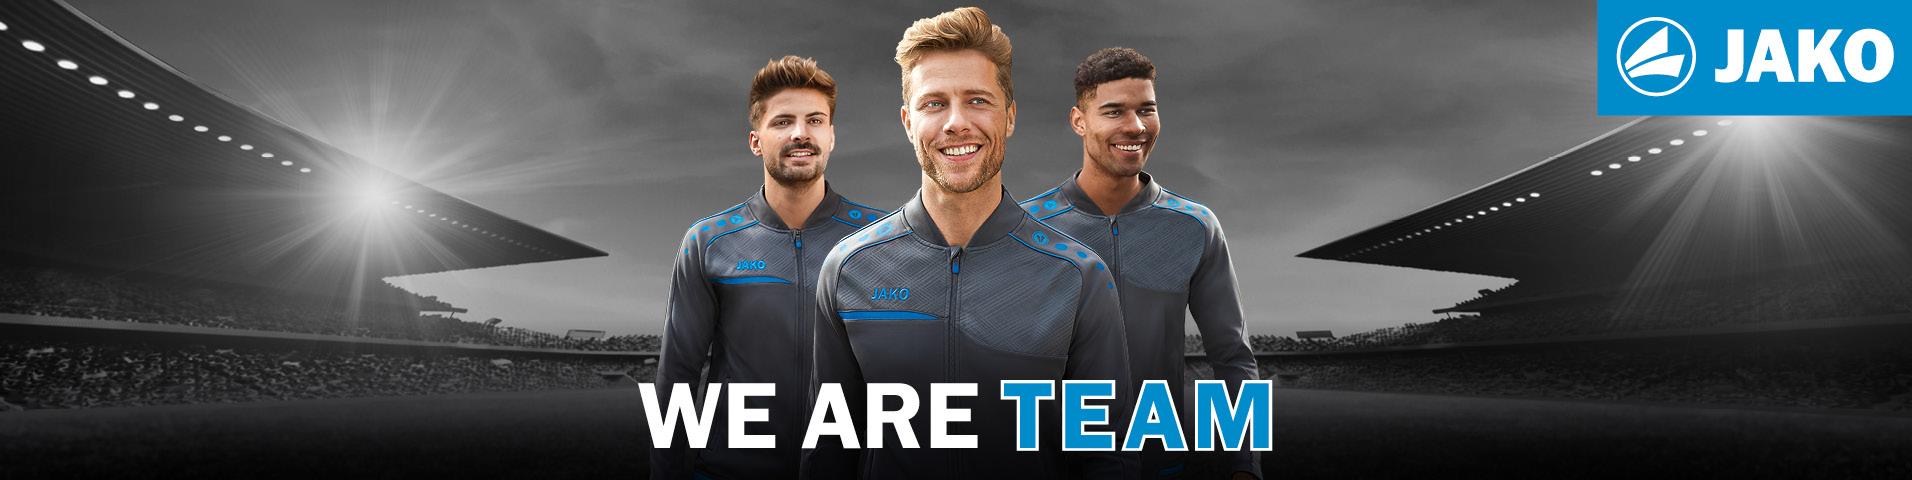 Jako Team Sweatshirt Herren Damen online bestellen | Sport